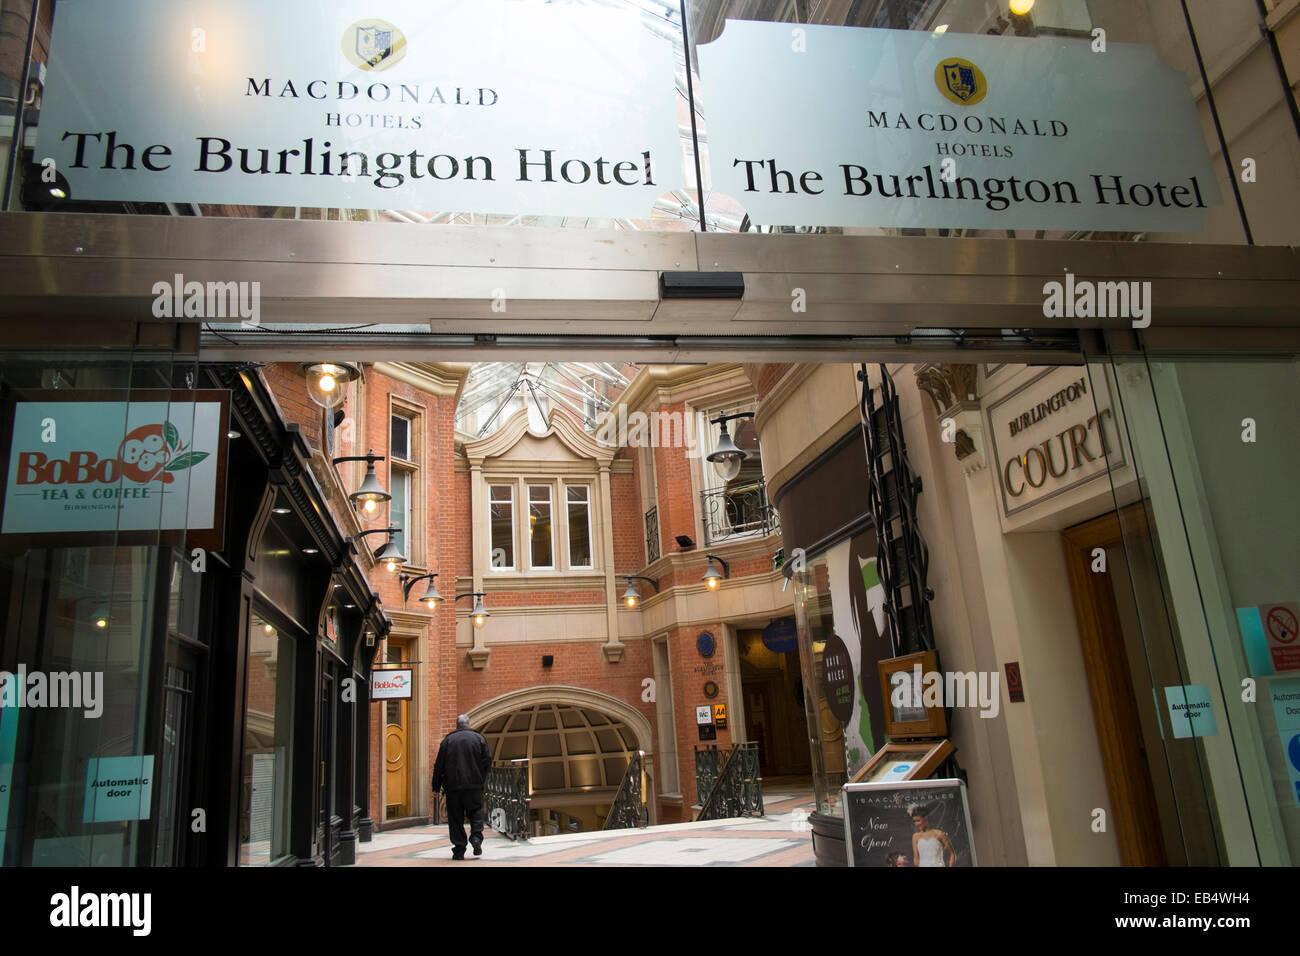 Entrance to the Macdonald Burlington Hotel, Birmingham, West Midlands, England, UK - Stock Image